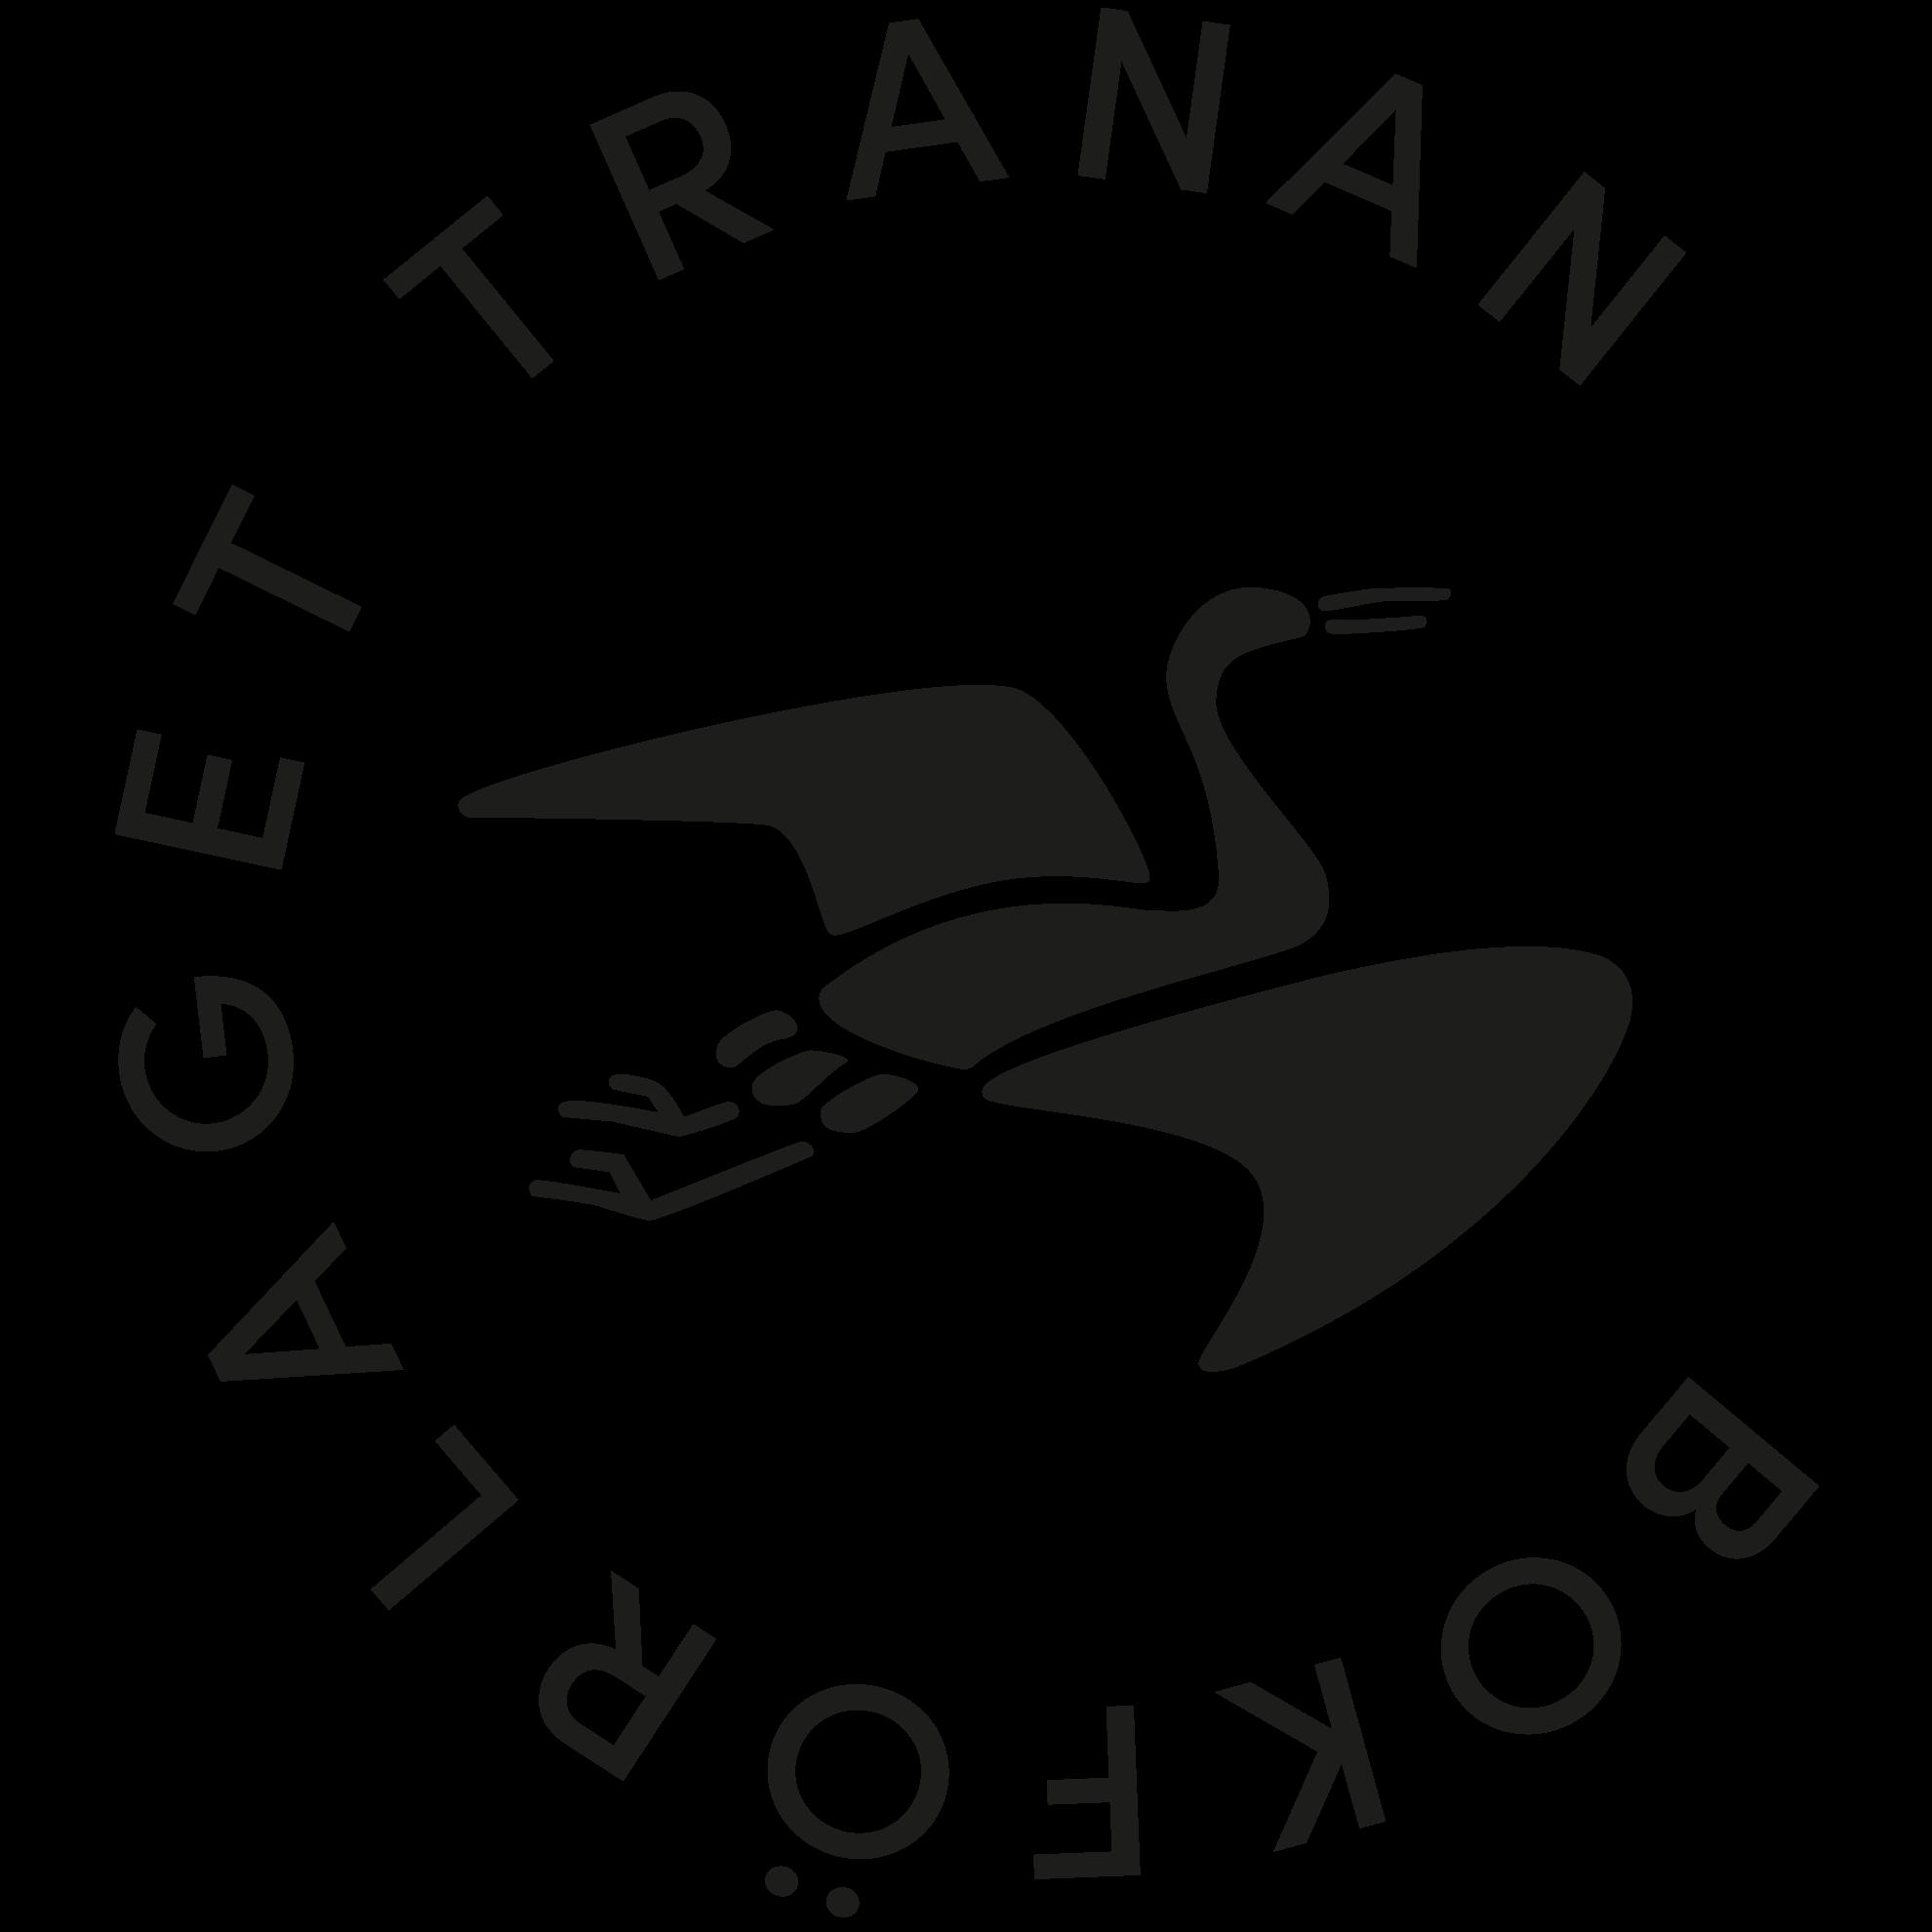 Bokförlaget Tranan